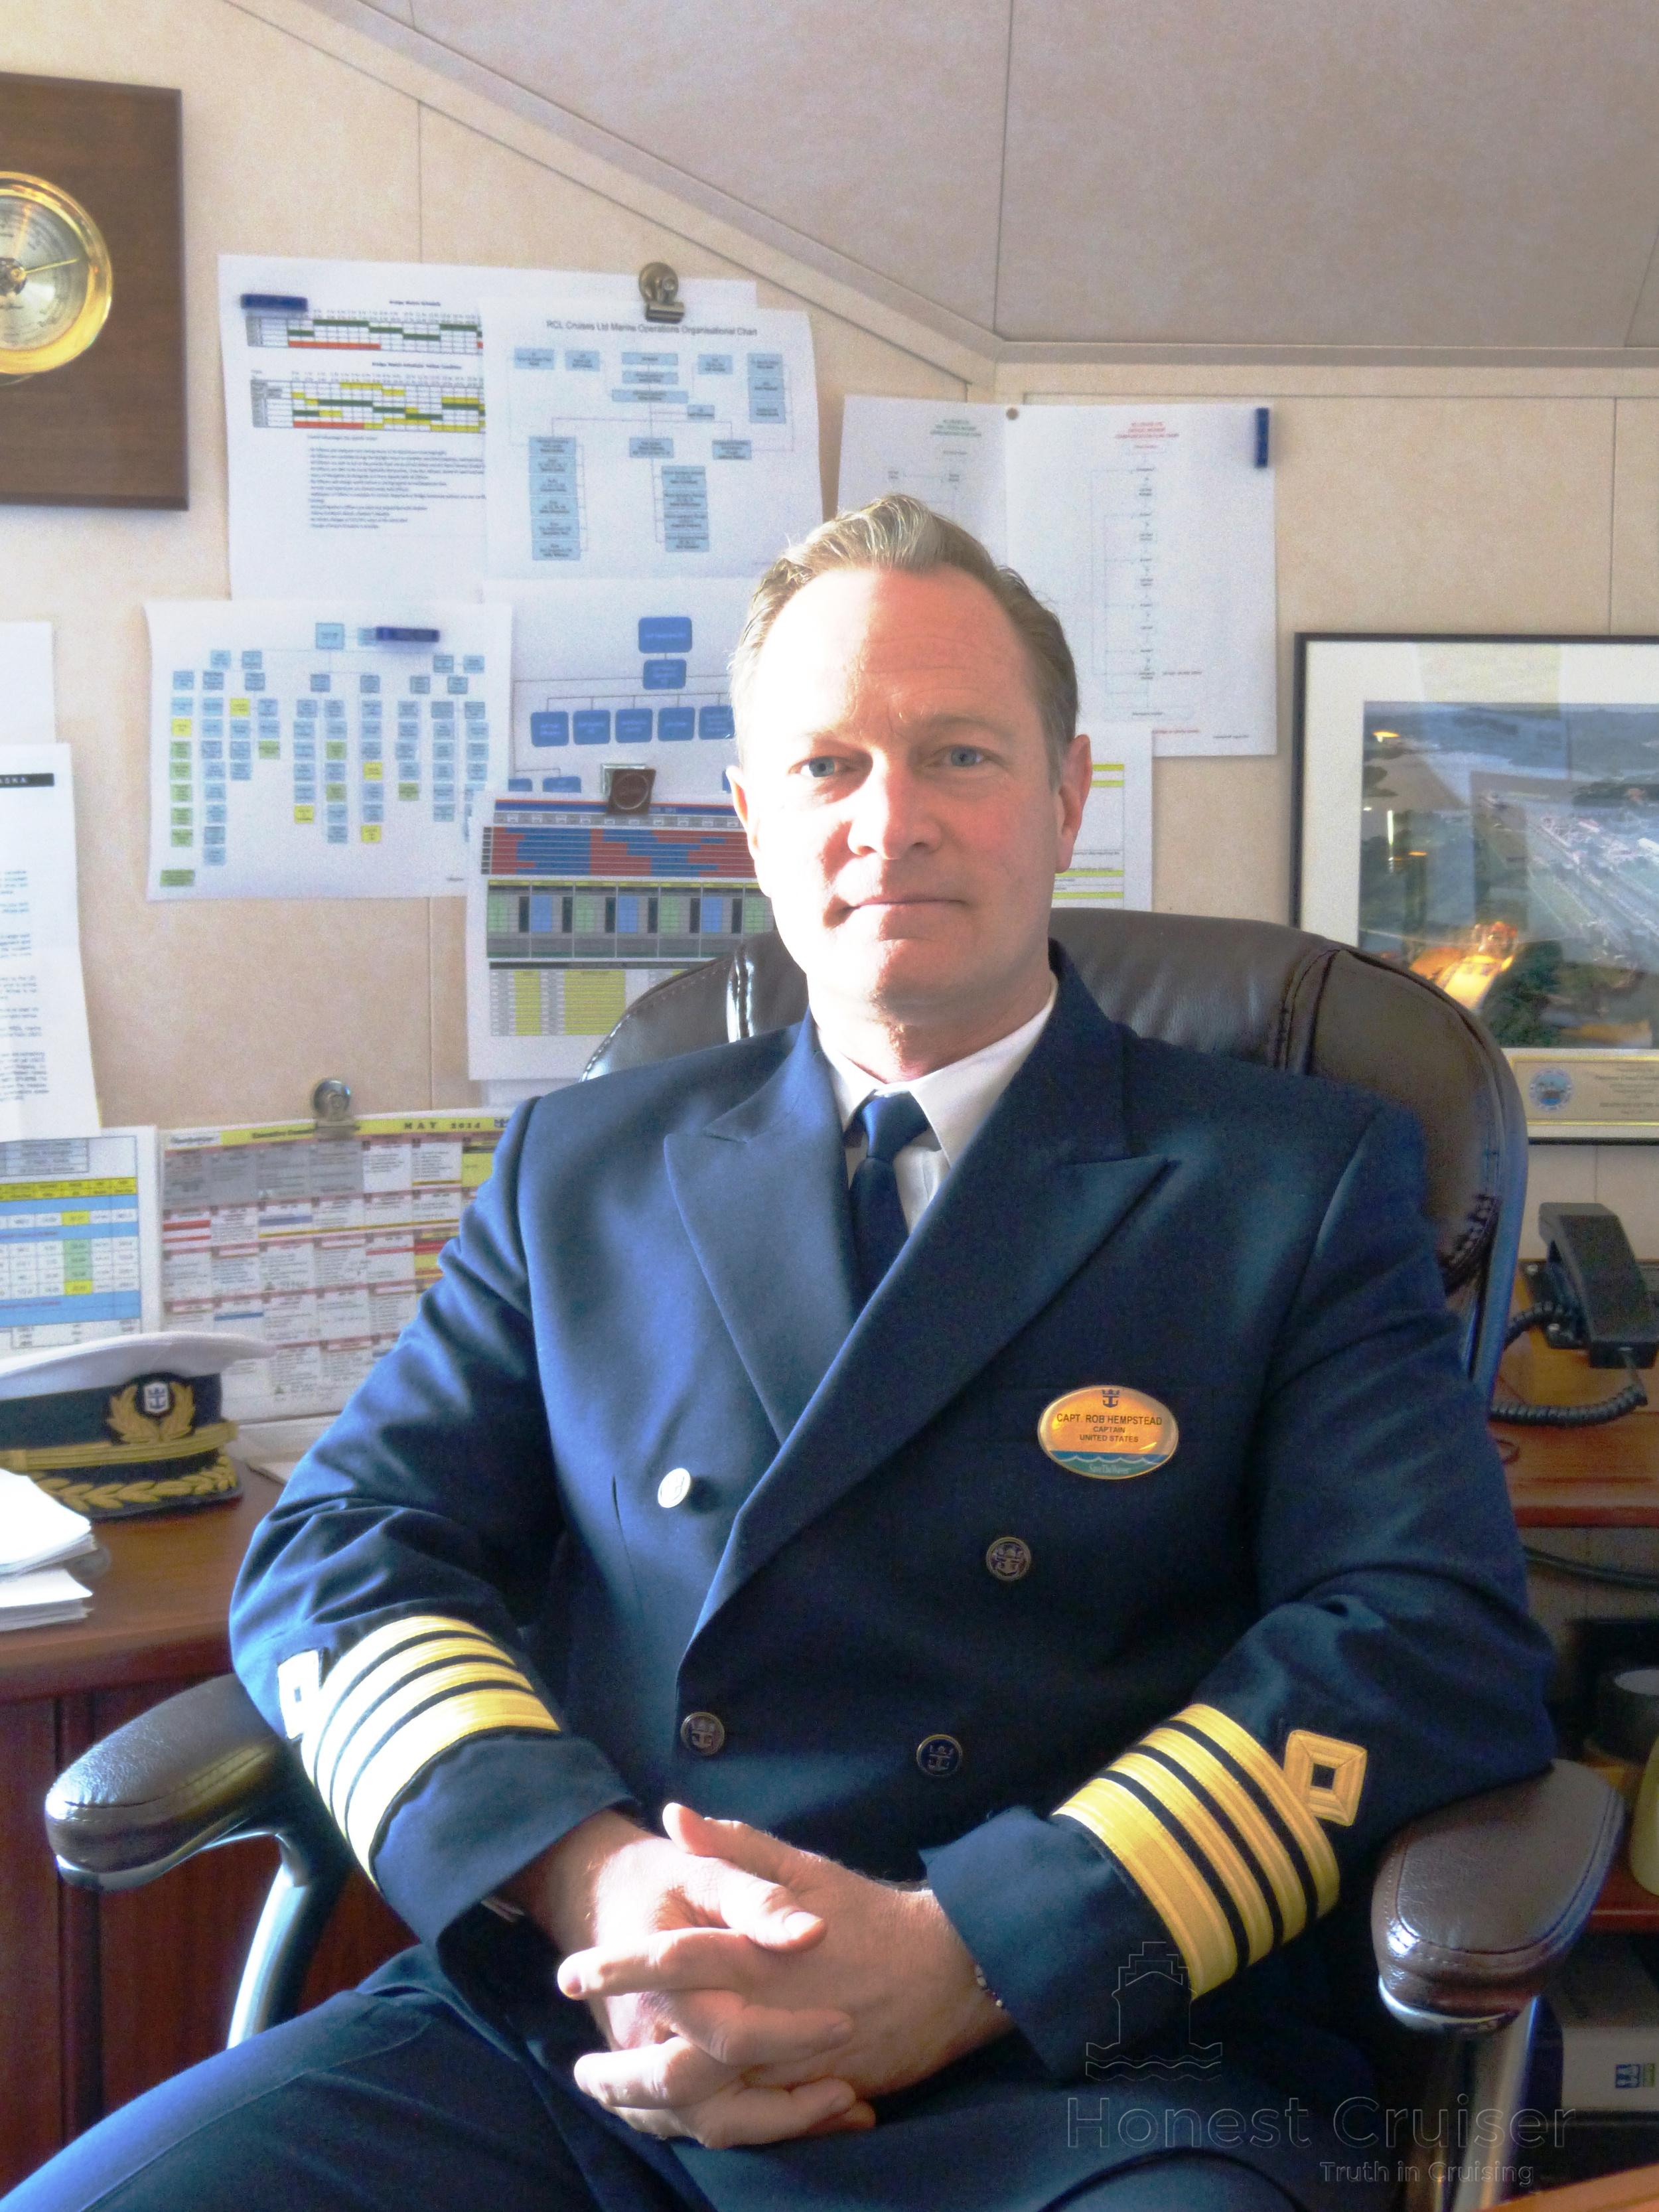 Captain Hempstead aboard Rhapsody of the Seas.